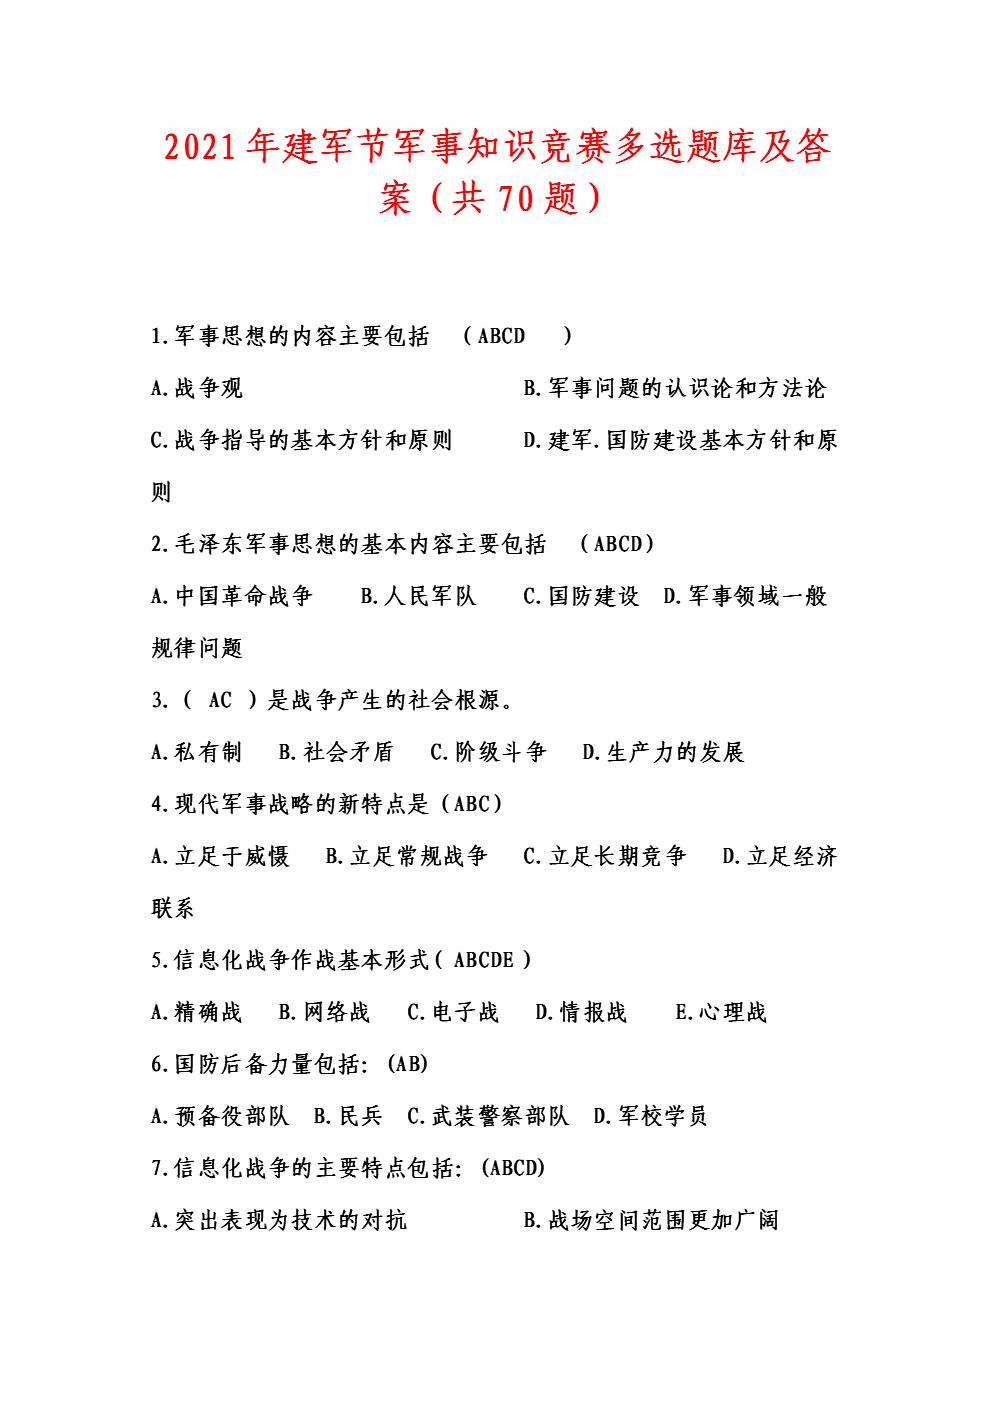 2021年建军节军事知识竞赛多选题库及答案(共70题).docx